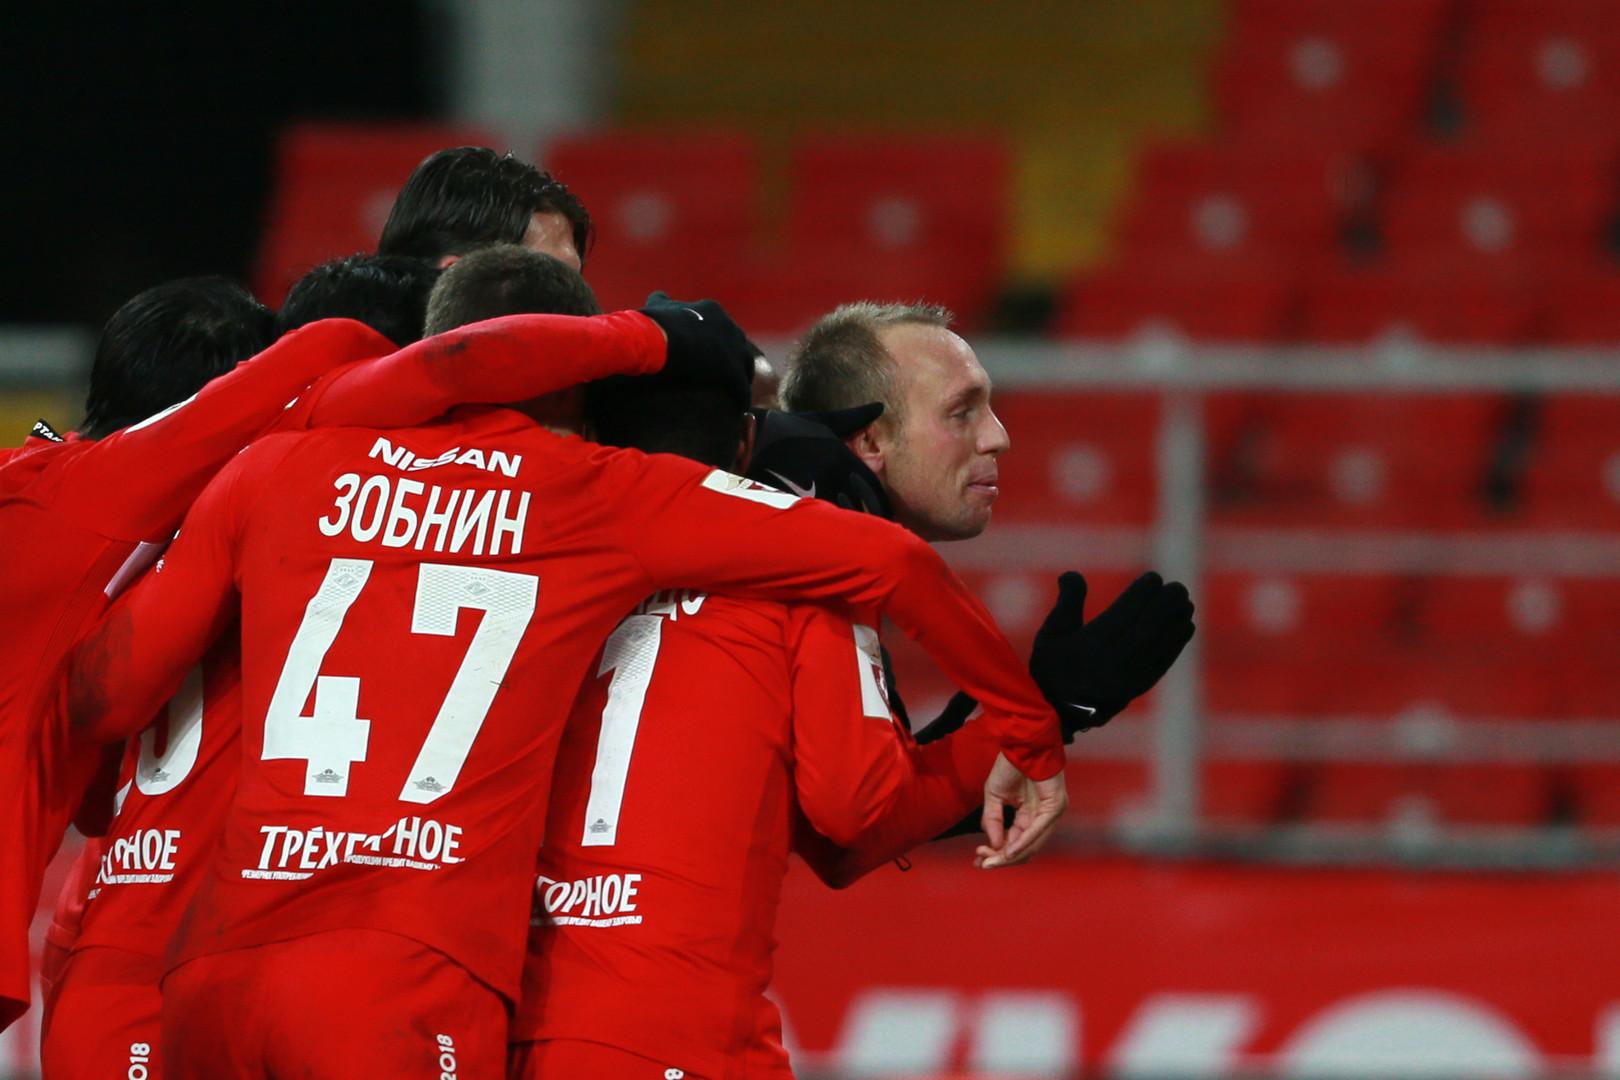 «Сделать всё, чтобы «Спартак» стал чемпионом»: футболисты и тренеры о победе красно-белых